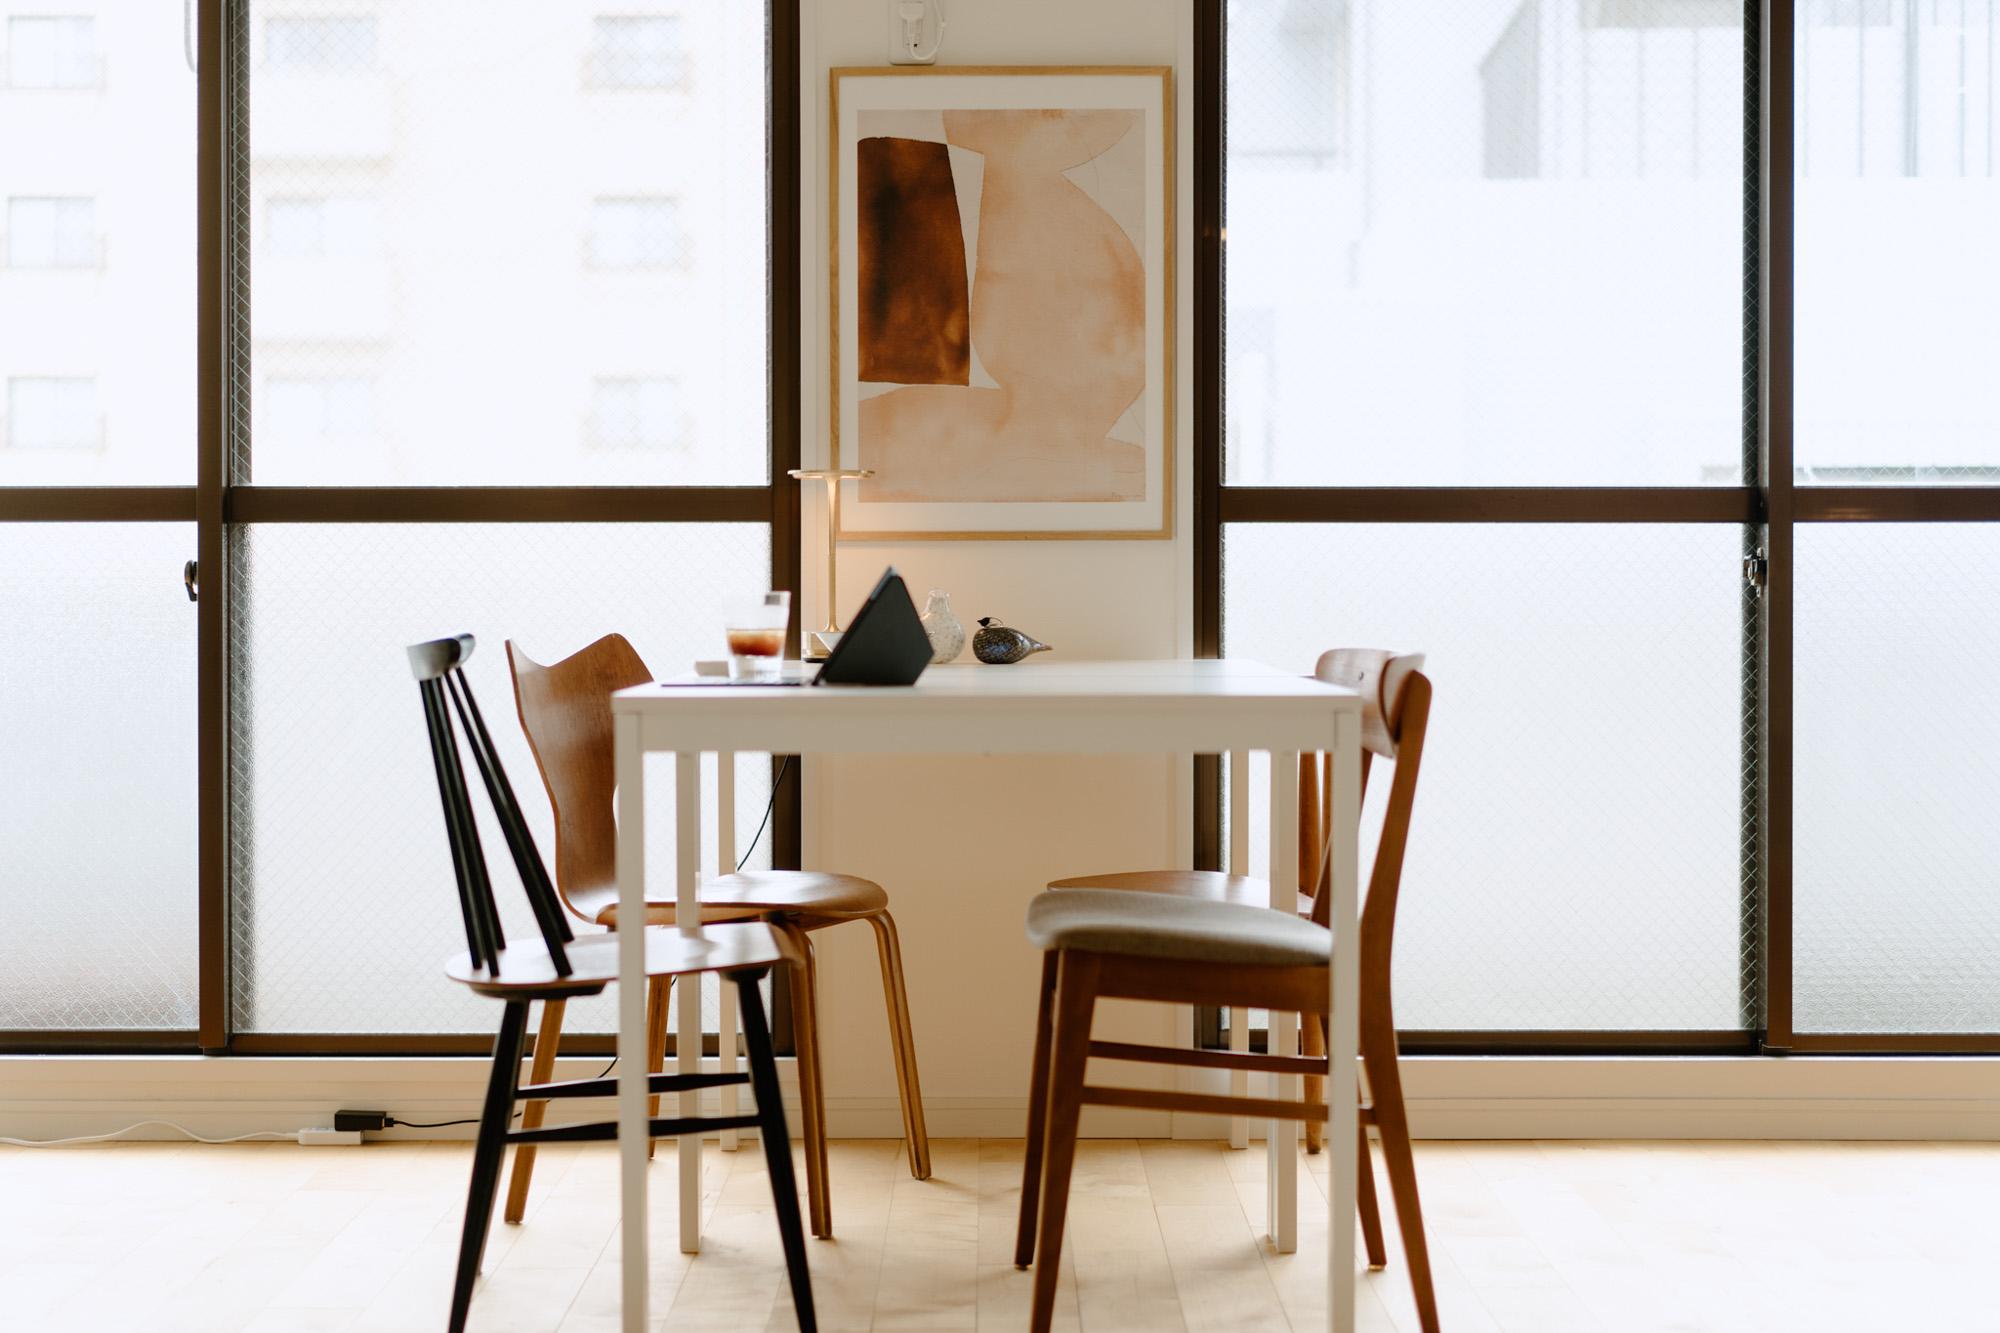 IKEAのテーブルに合わせている椅子は、イルマリ・タピヴォバーラのファネットチェア、フリッツ・ハンセンのグランプリチェア、ハンス・J・ウェグナーのハートチェアなど、北欧ヴィンテージのもの。